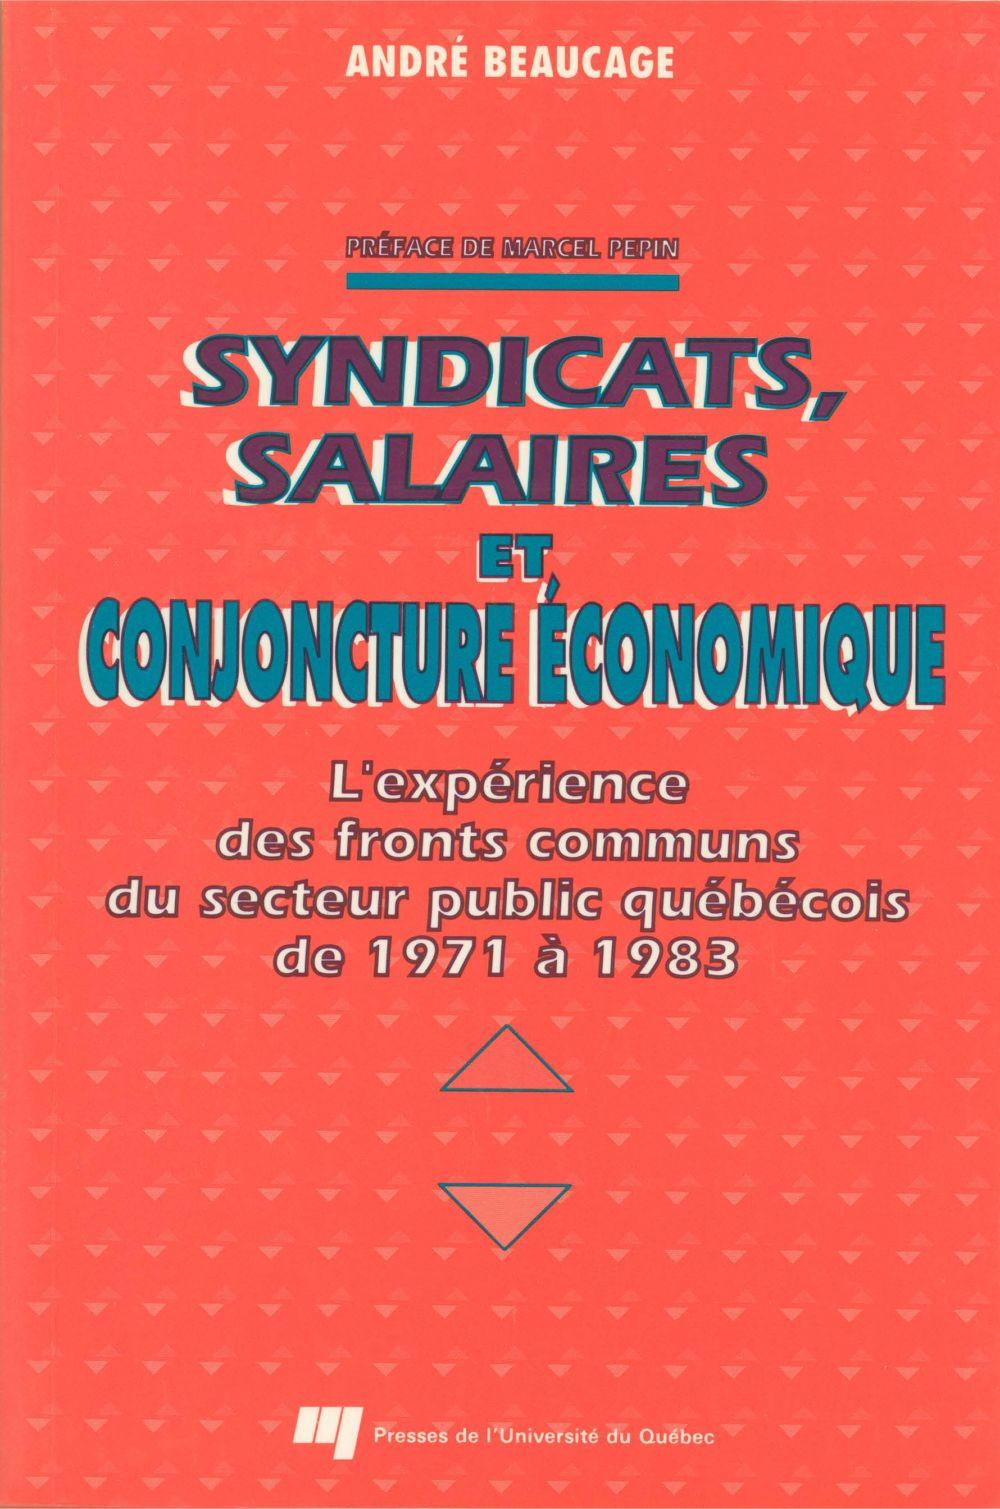 Syndicats, salaires et conjoncture économique